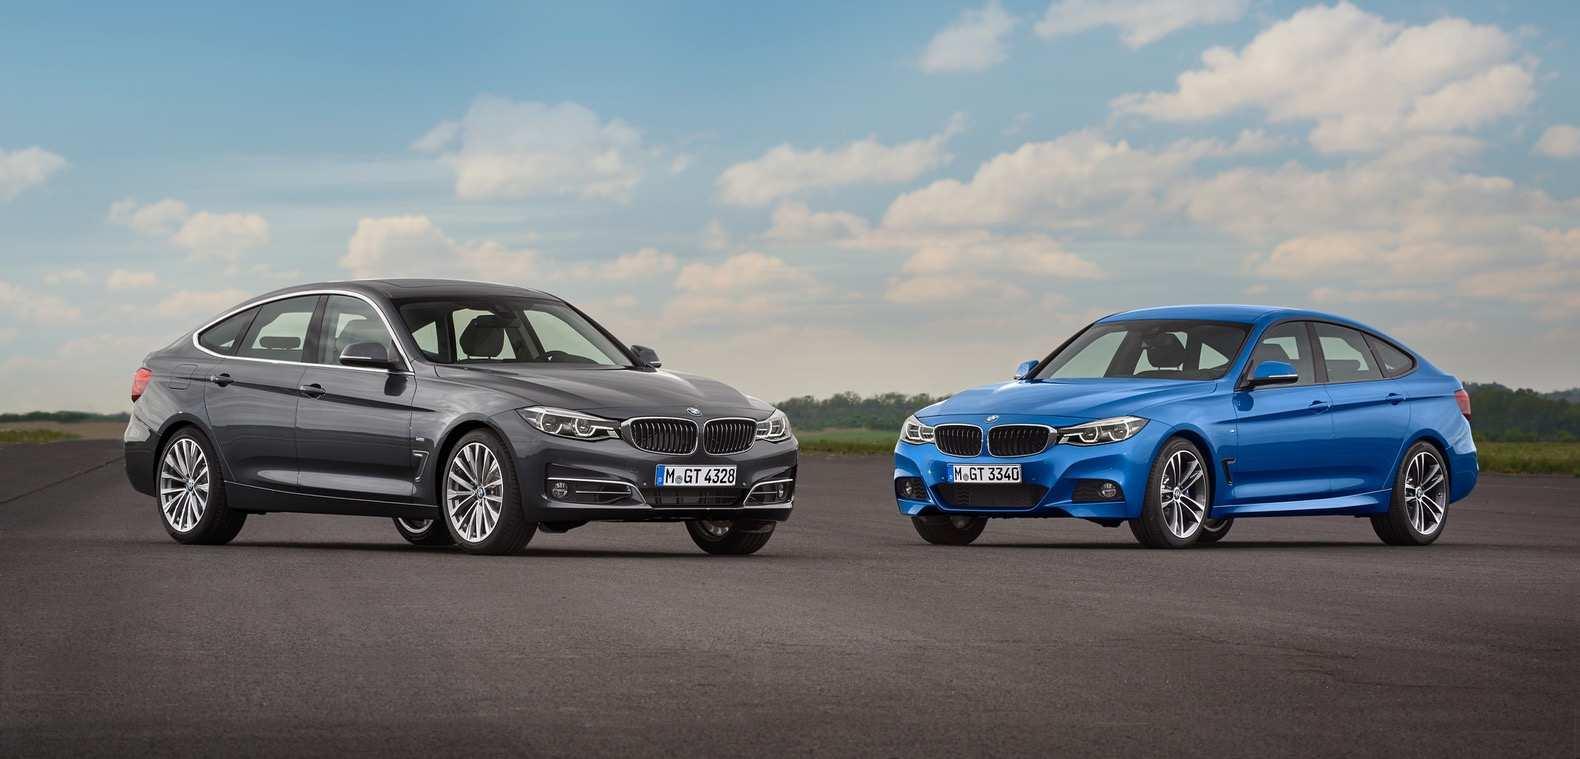 82 New BMW Gt 2020 Engine with BMW Gt 2020